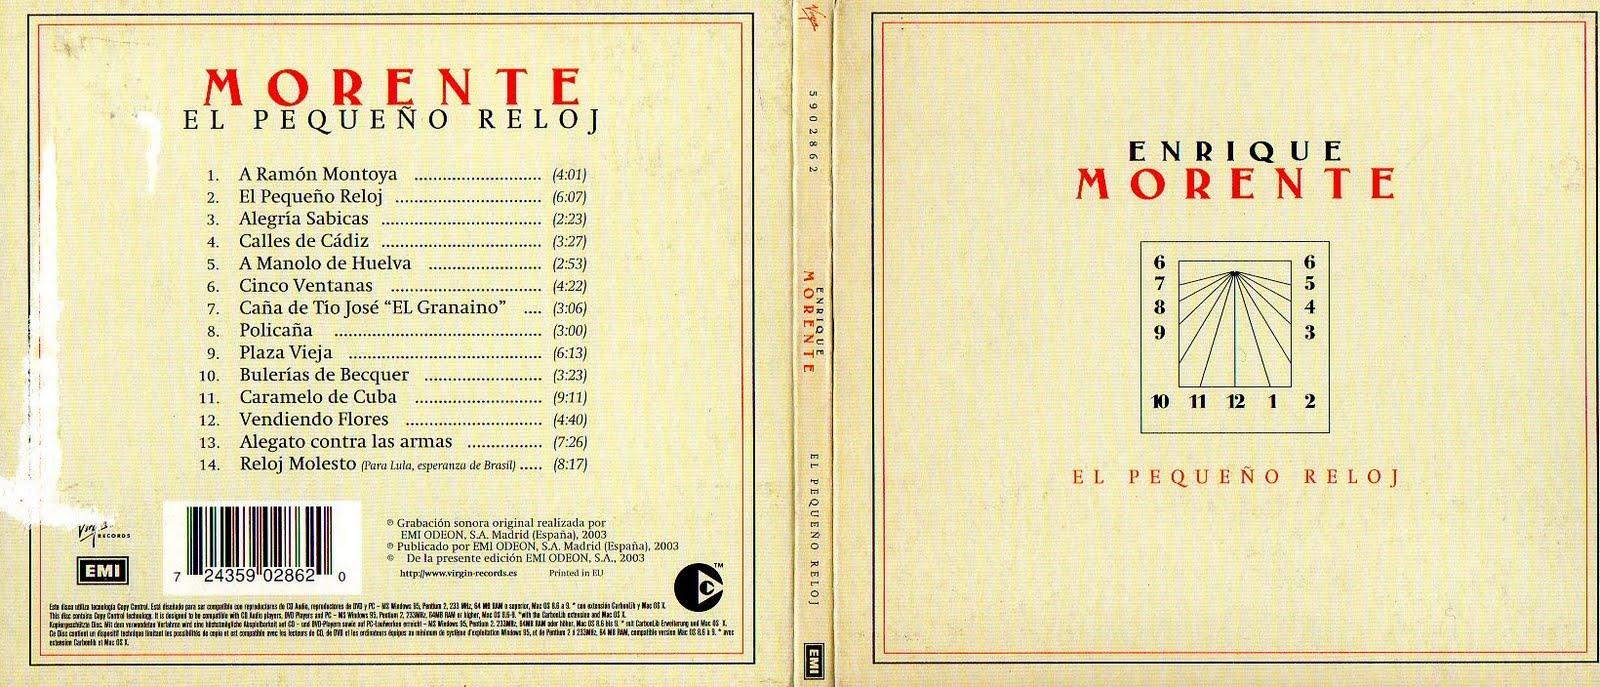 Morenteel Pequeño La Hasta Última NotaEnrique Reloj2003 Ow8PkXn0